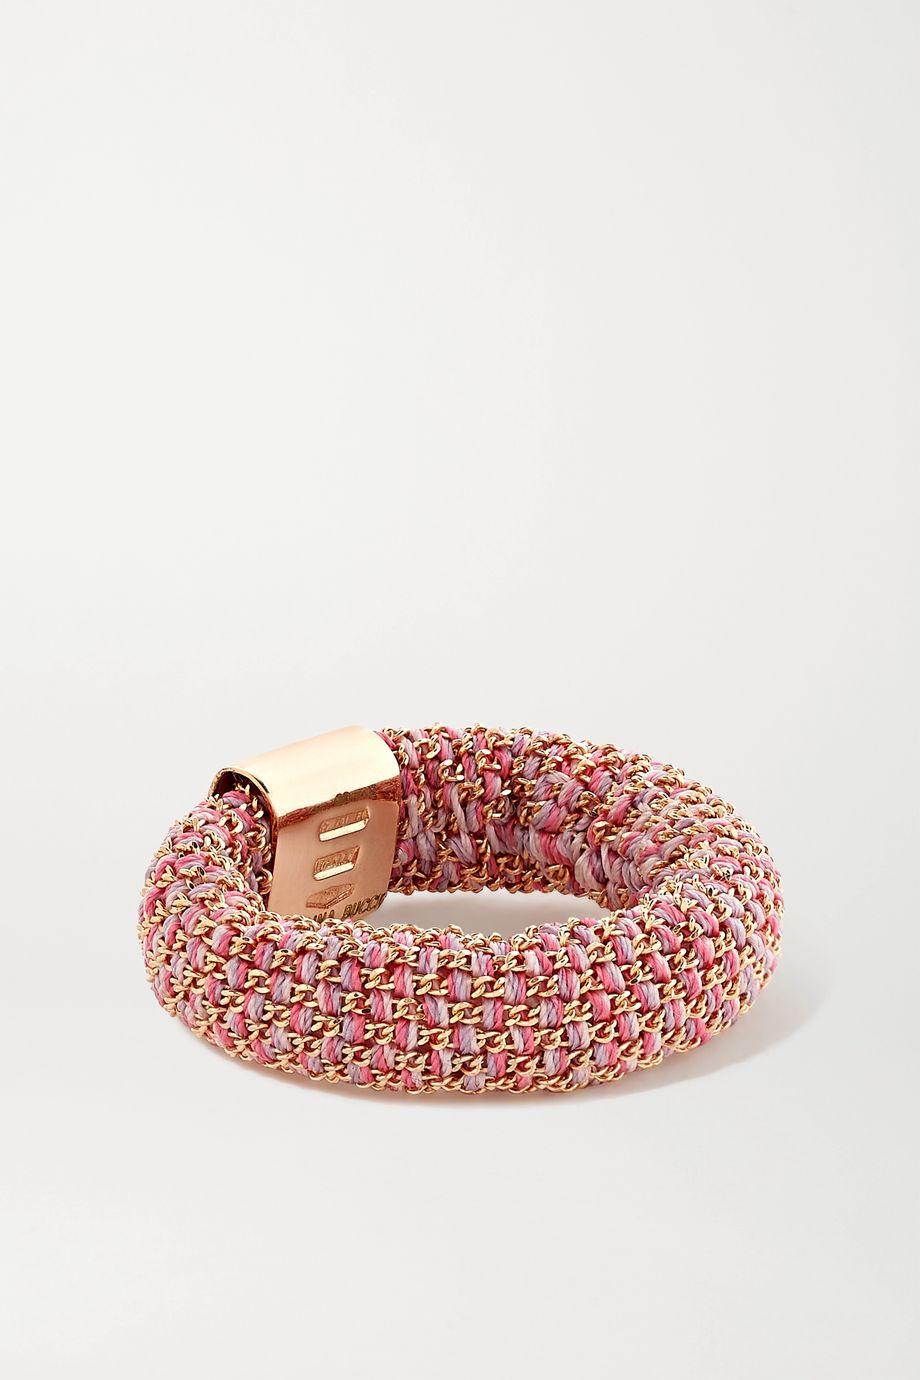 Carolina Bucci Slide 18-karat rose gold and silk ring